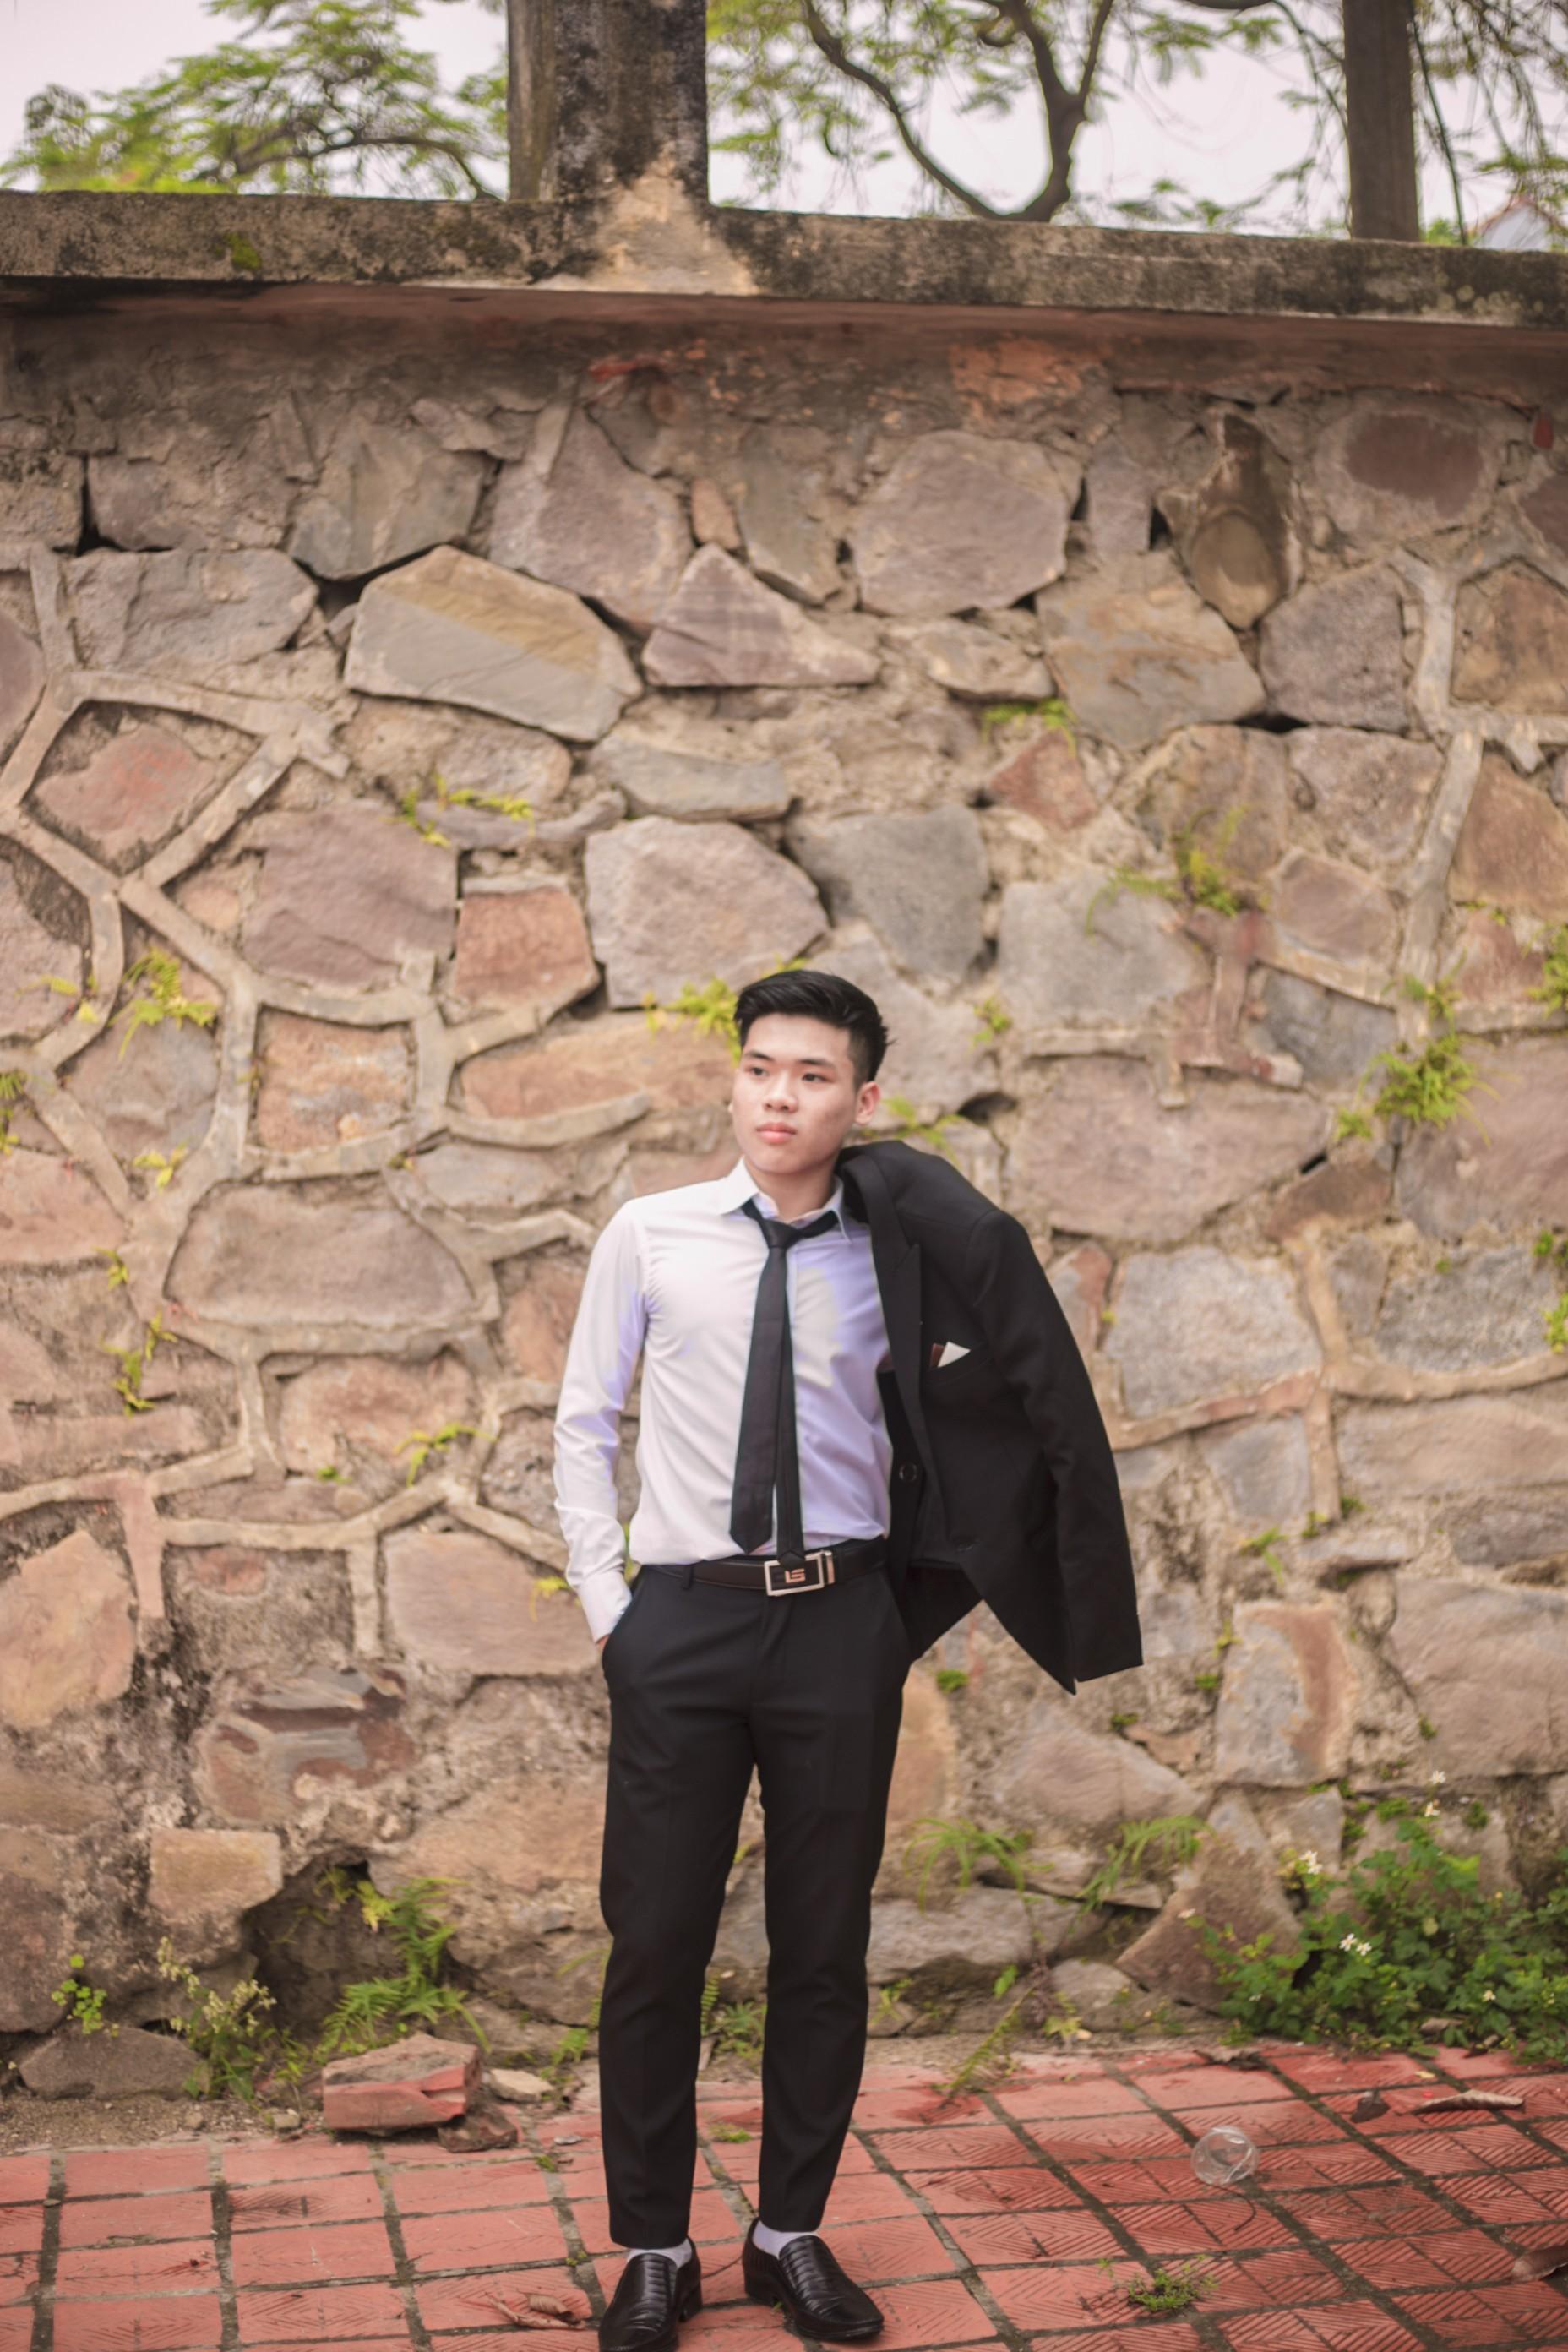 Thủ khoa đầu vào các trường đại học năm 2018: Học giỏi từ bé, thi điểm cao không có gì bất ngờ - Ảnh 2.